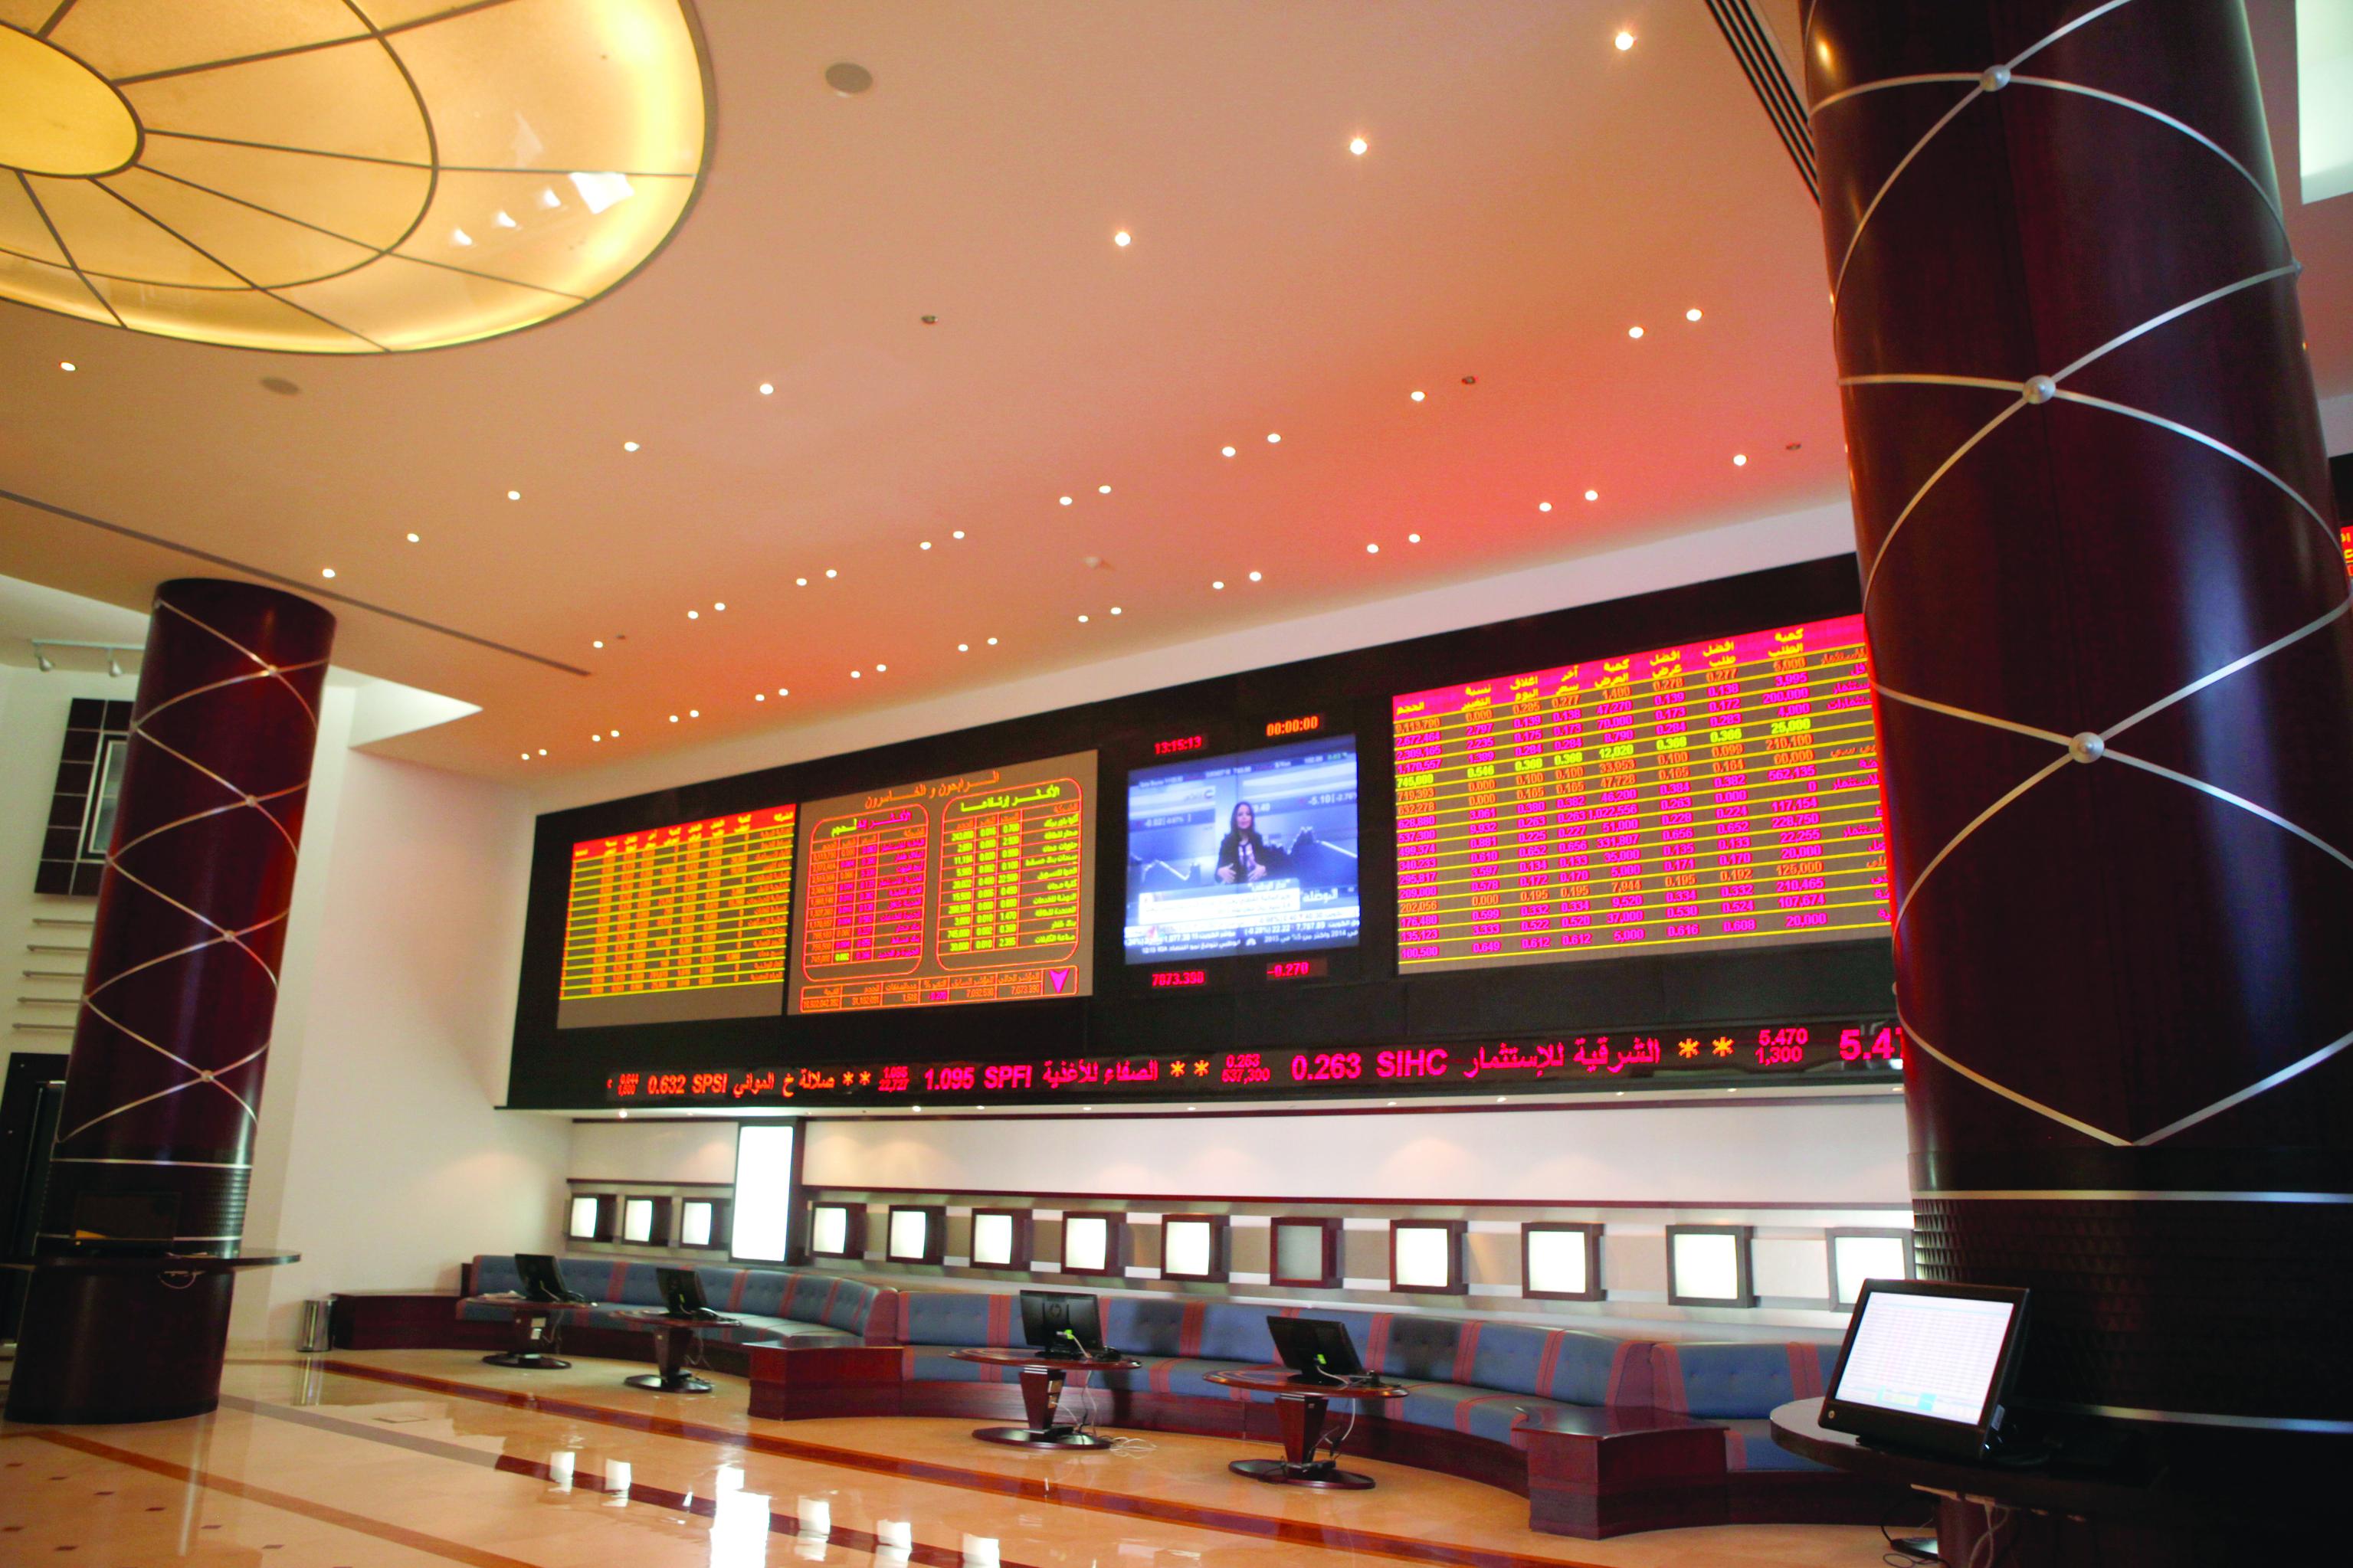 سوق مسقط يتراجع والاستثمار الأجنبي يرتفع